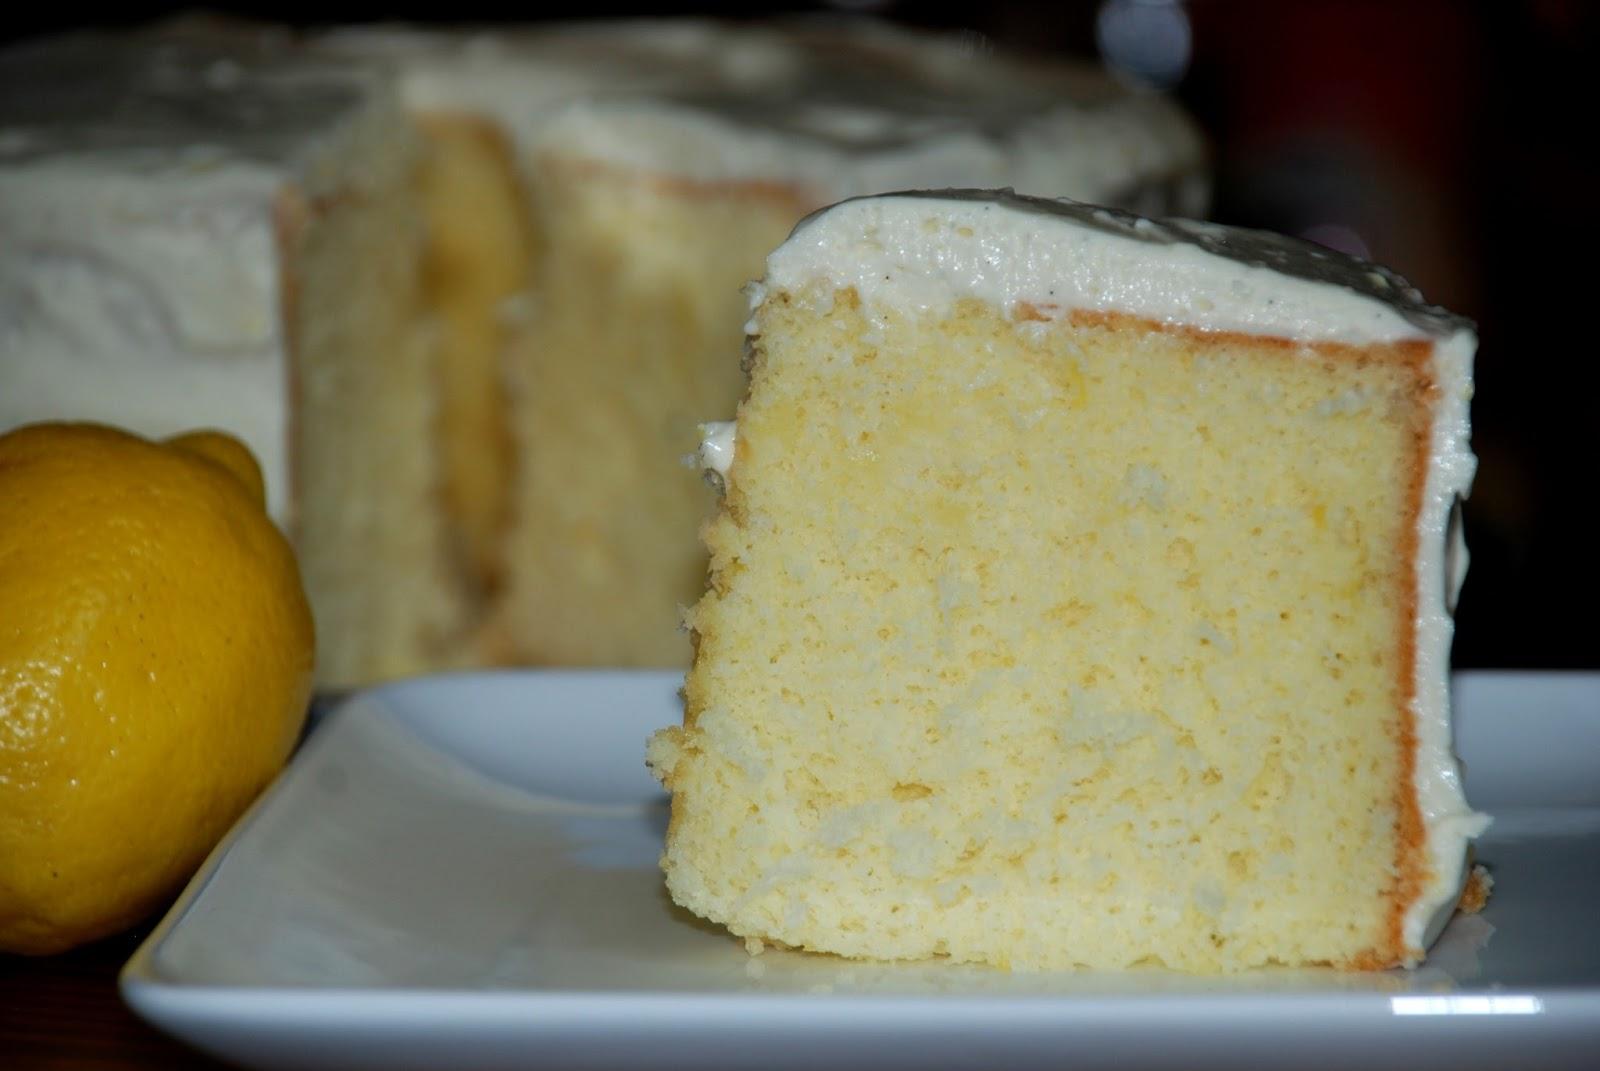 Best Frosting For Lemon Chiffon Cake